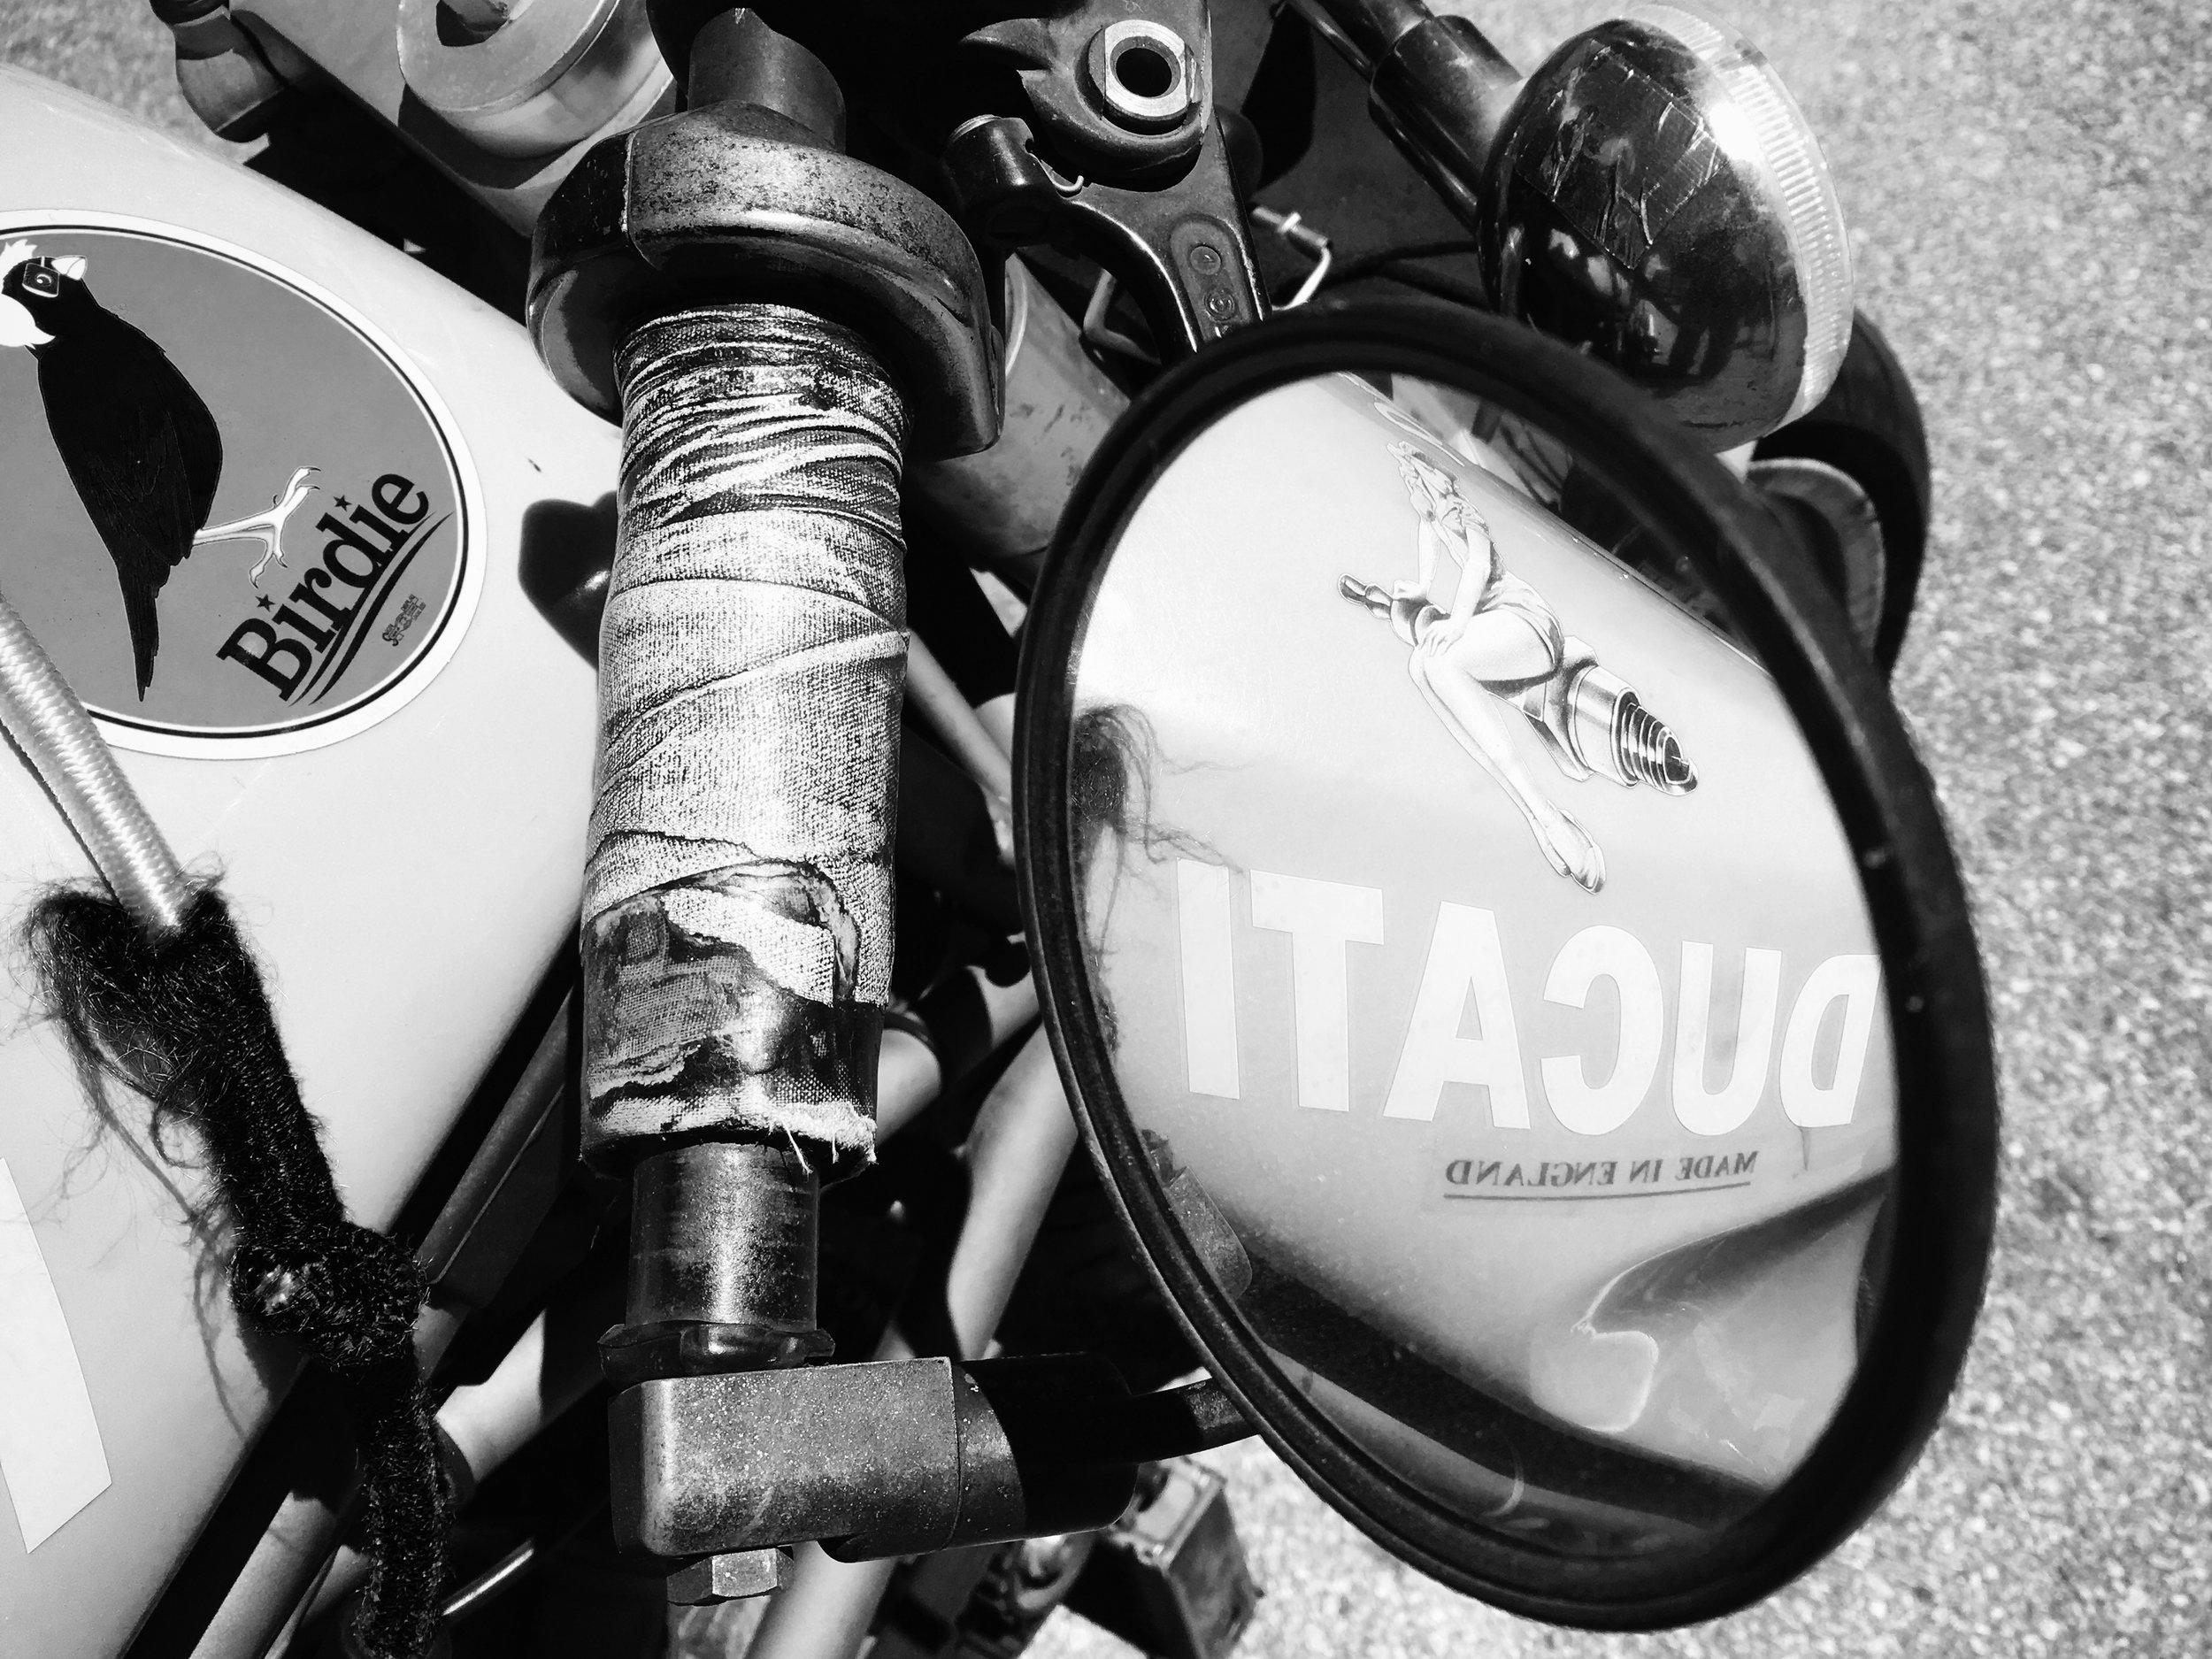 flash_motorbikes_swap_meet-2164.jpg